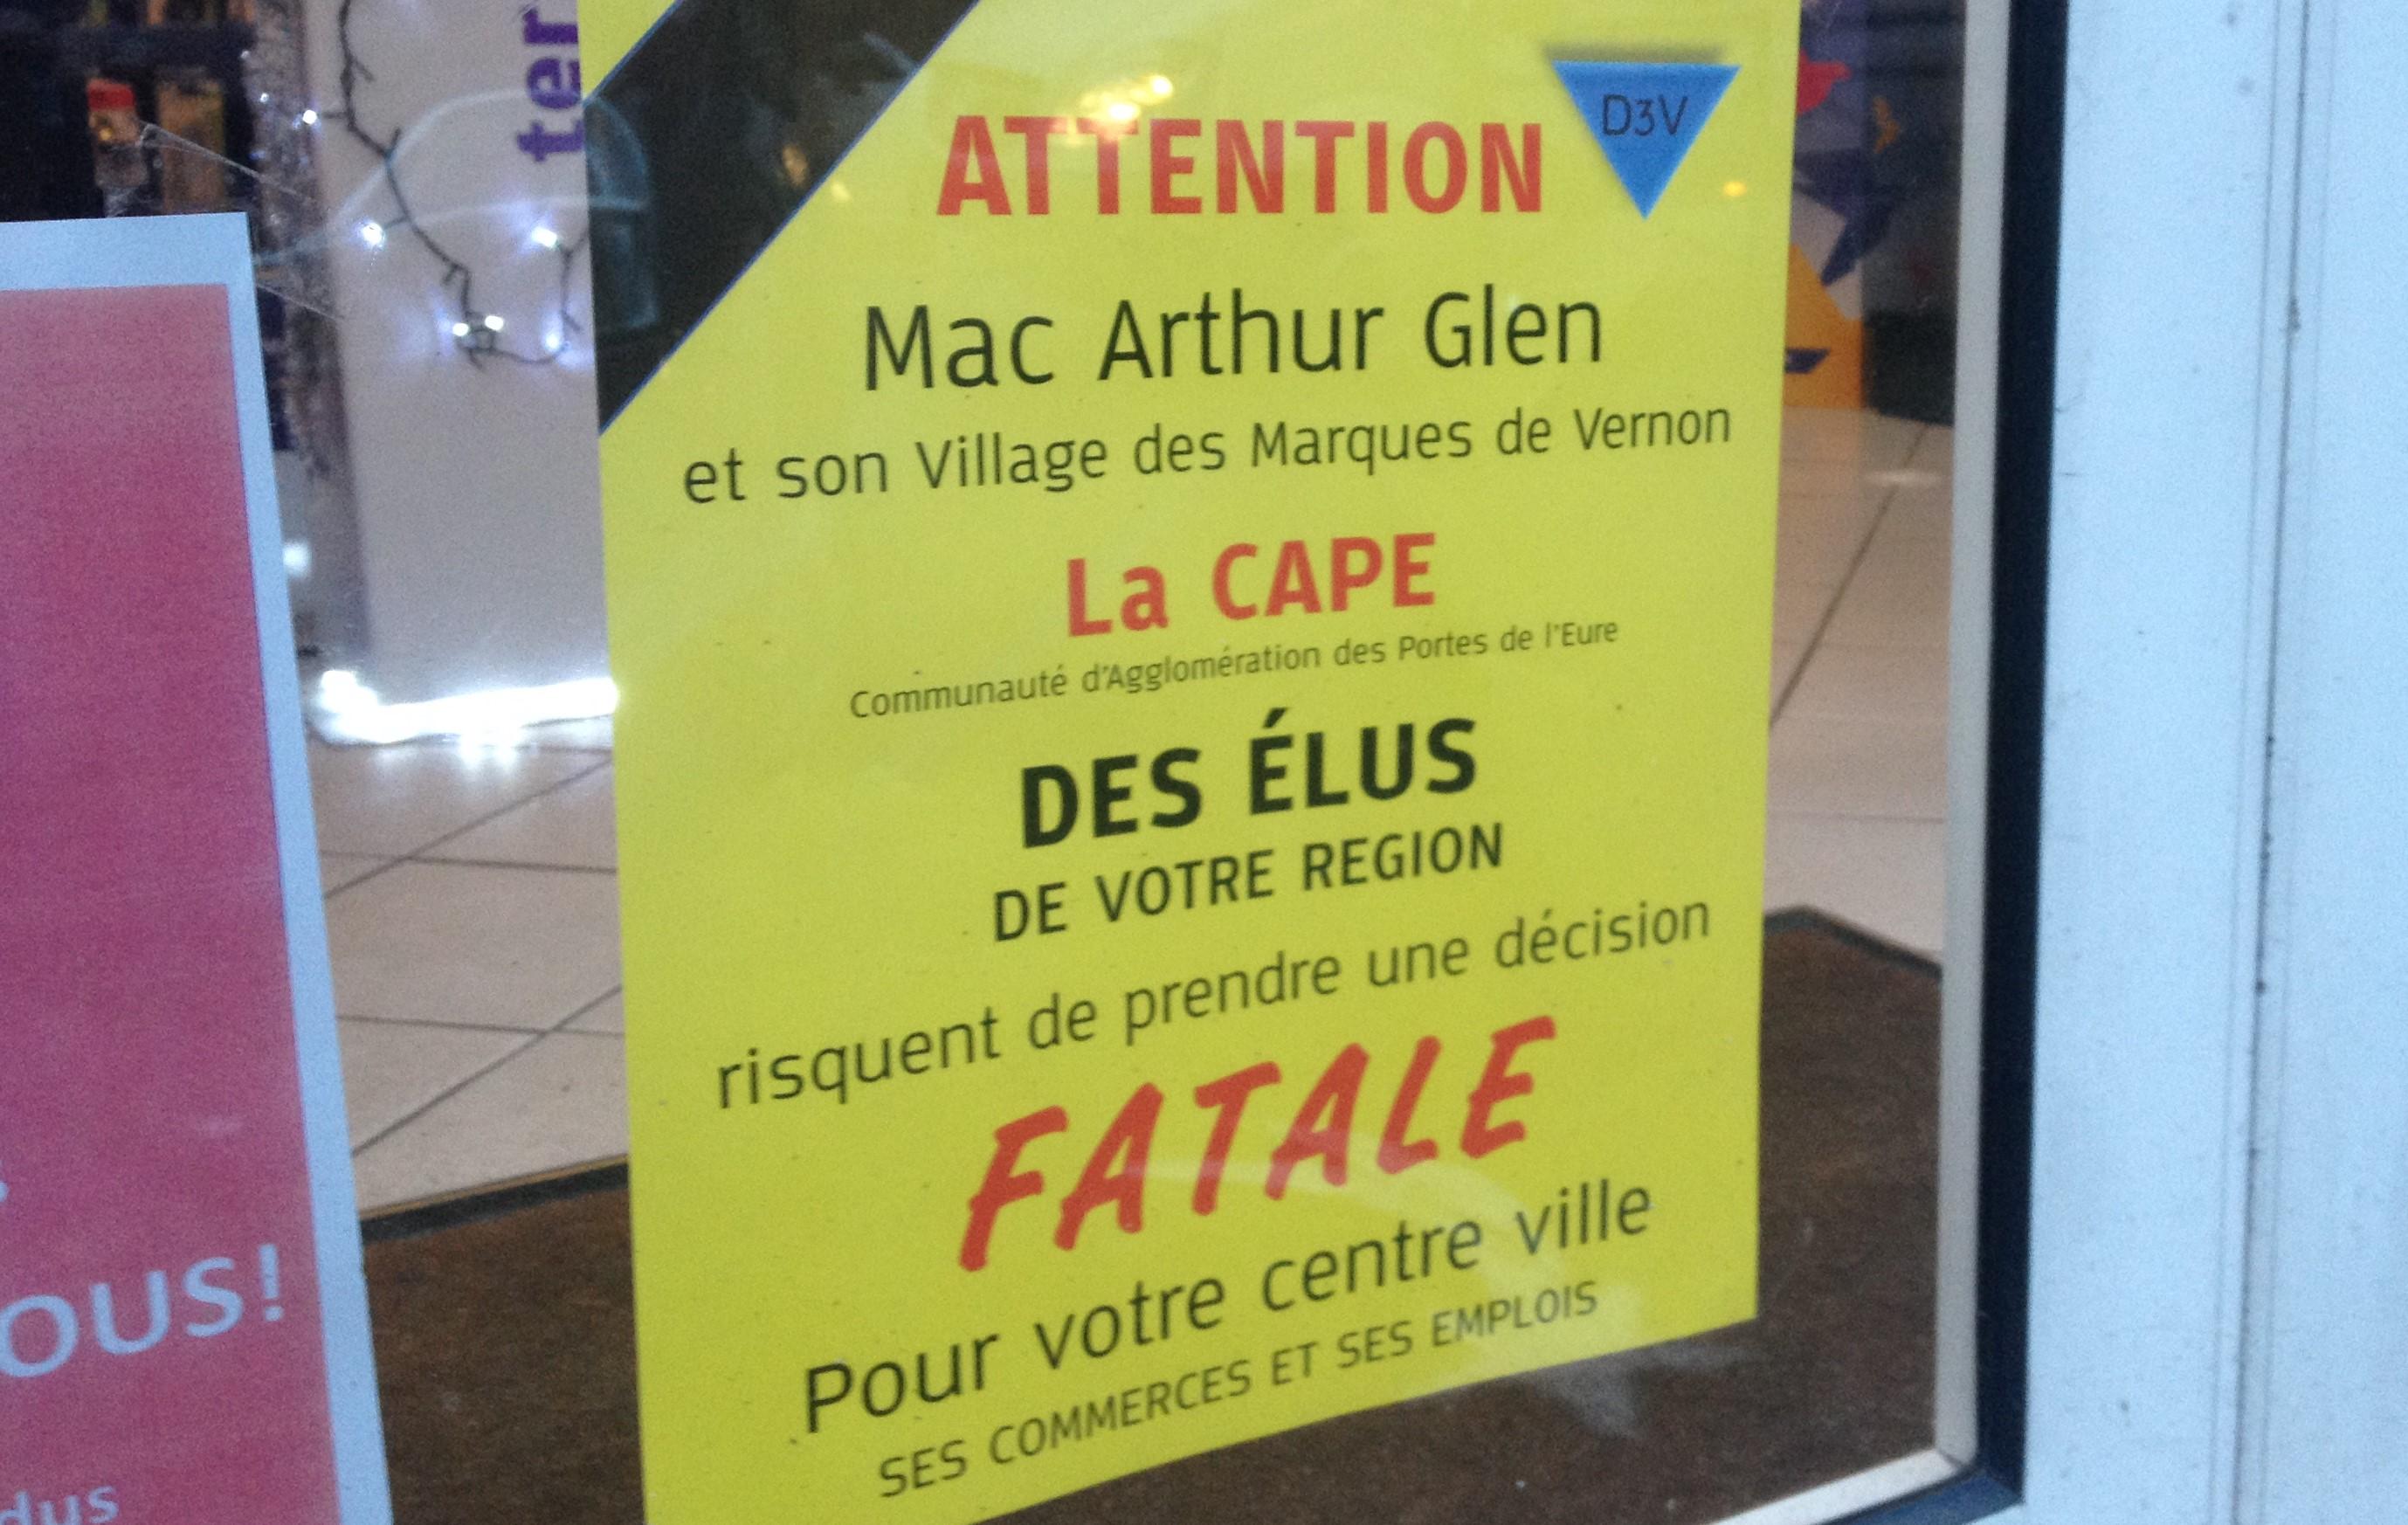 Selon les détracteurs du projet, l'implantation d'un village des marques à Douains, à 60 kilomètres de là, serait préjudiciable aux commerces du centre-ville de Rouen (Illustration©infoNormandie)